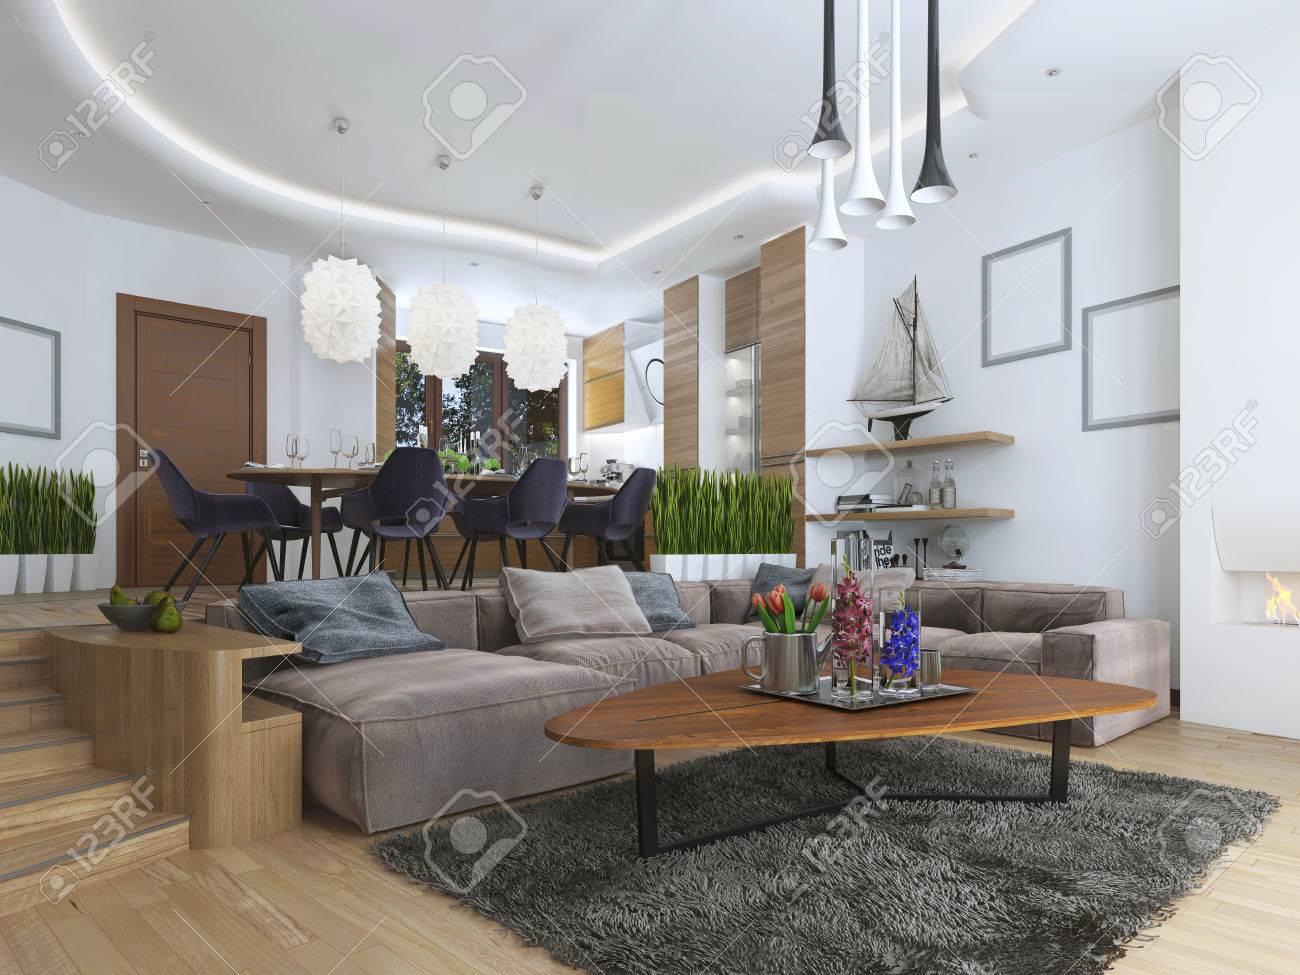 Standard Bild   Studio Wohnung Mit Wohnzimmer Und Esszimmer In Einem Modernen  Stil. Großes Sofa Mit Designer Kaffee Niedrigen Tisch Und Dekoration Auf  Den ...